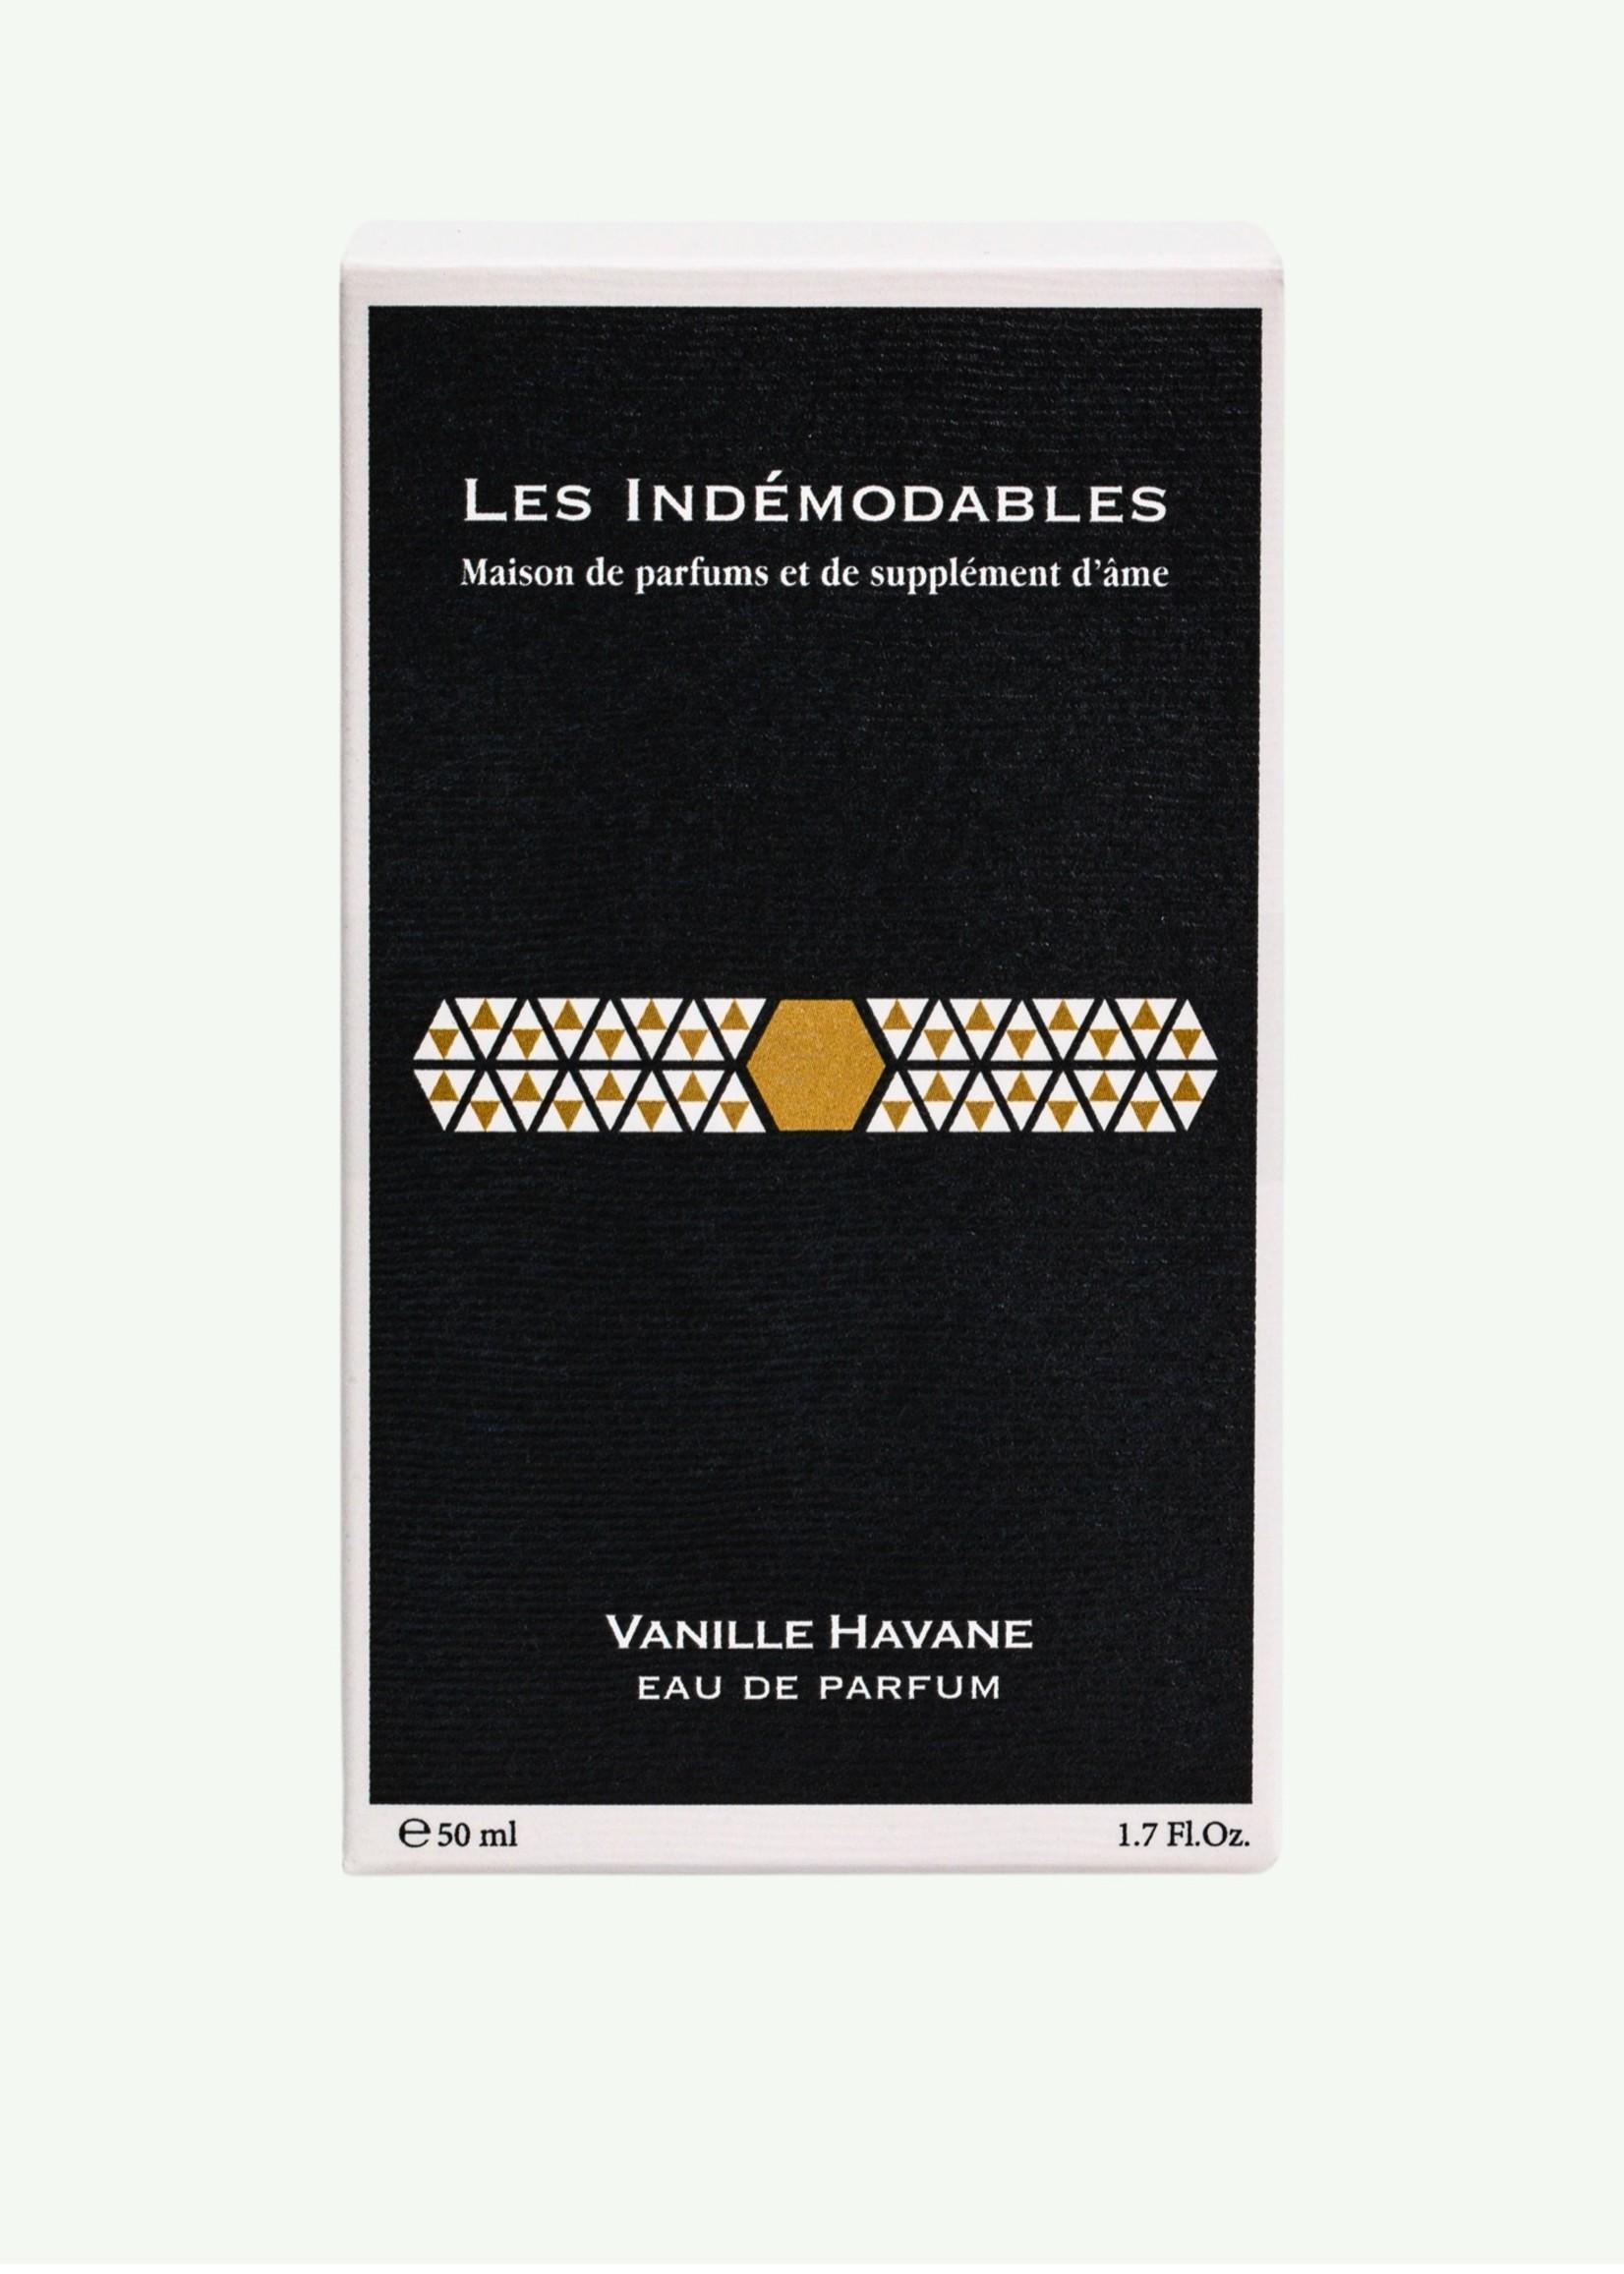 Les Indémodables Les Indémodables - Vanille Havane - Eau de Parfum